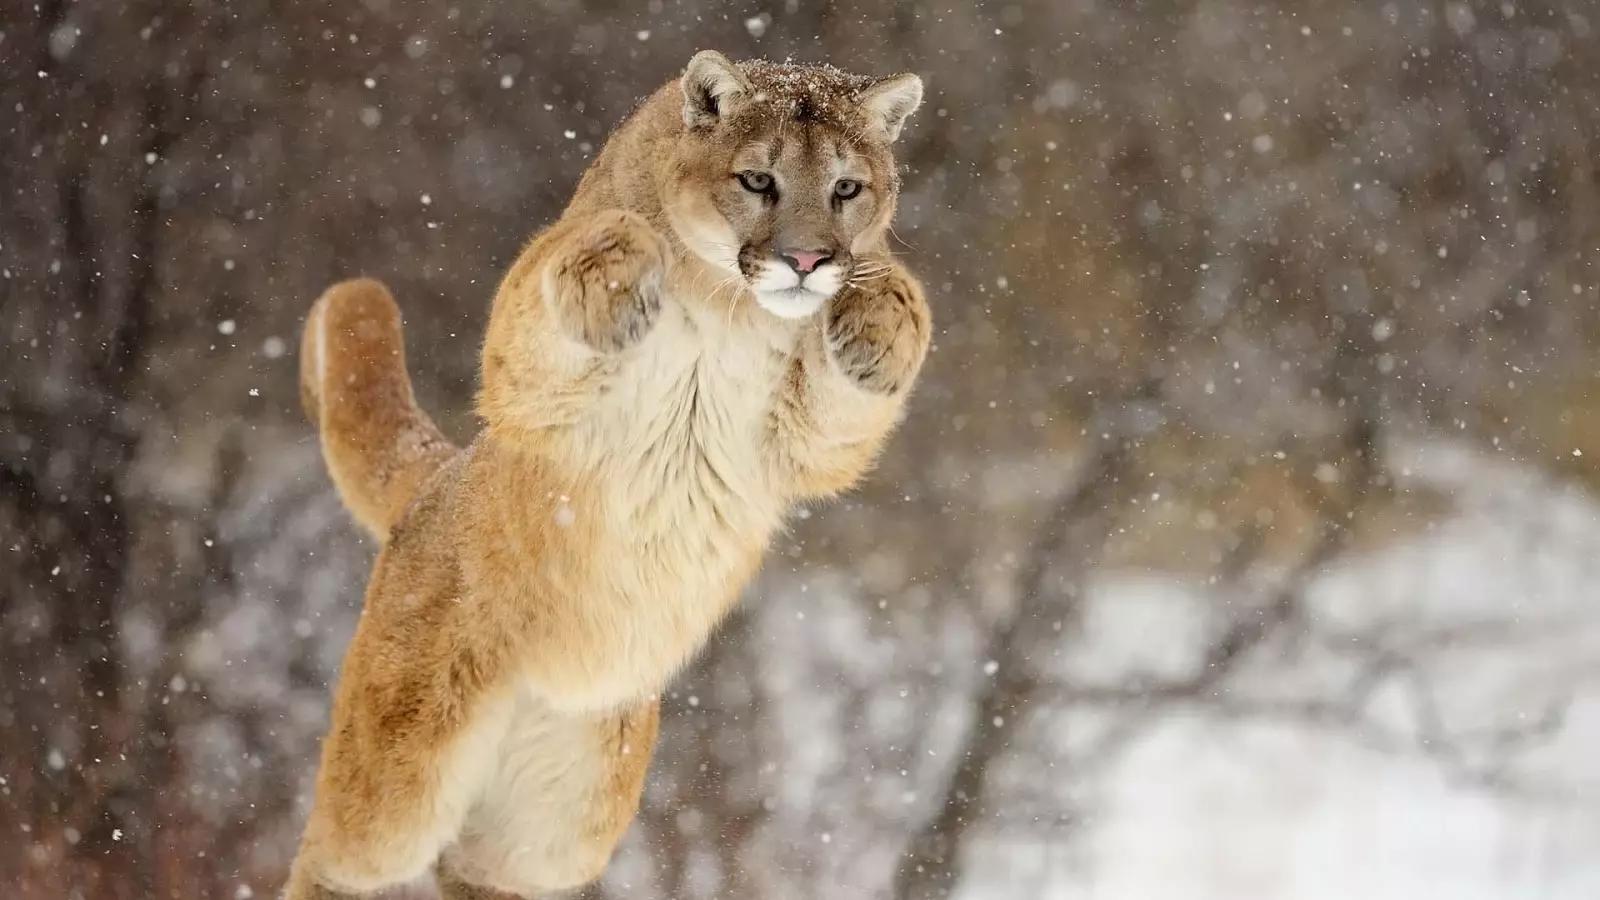 這是一個免費的獅子壁紙應用程序。可愛的小獅子,女(母獅)和雄獅相冊。精彩的高品質的獅子的照片,你也可以下載這些離線圖片到你的手機或平板電腦!獅子老虎之後的第二大生活的貓。獅子活10-14年在野外,而在人工飼養,他們可以超過20年壽命更長。有些人還保持著獅子當寵物。